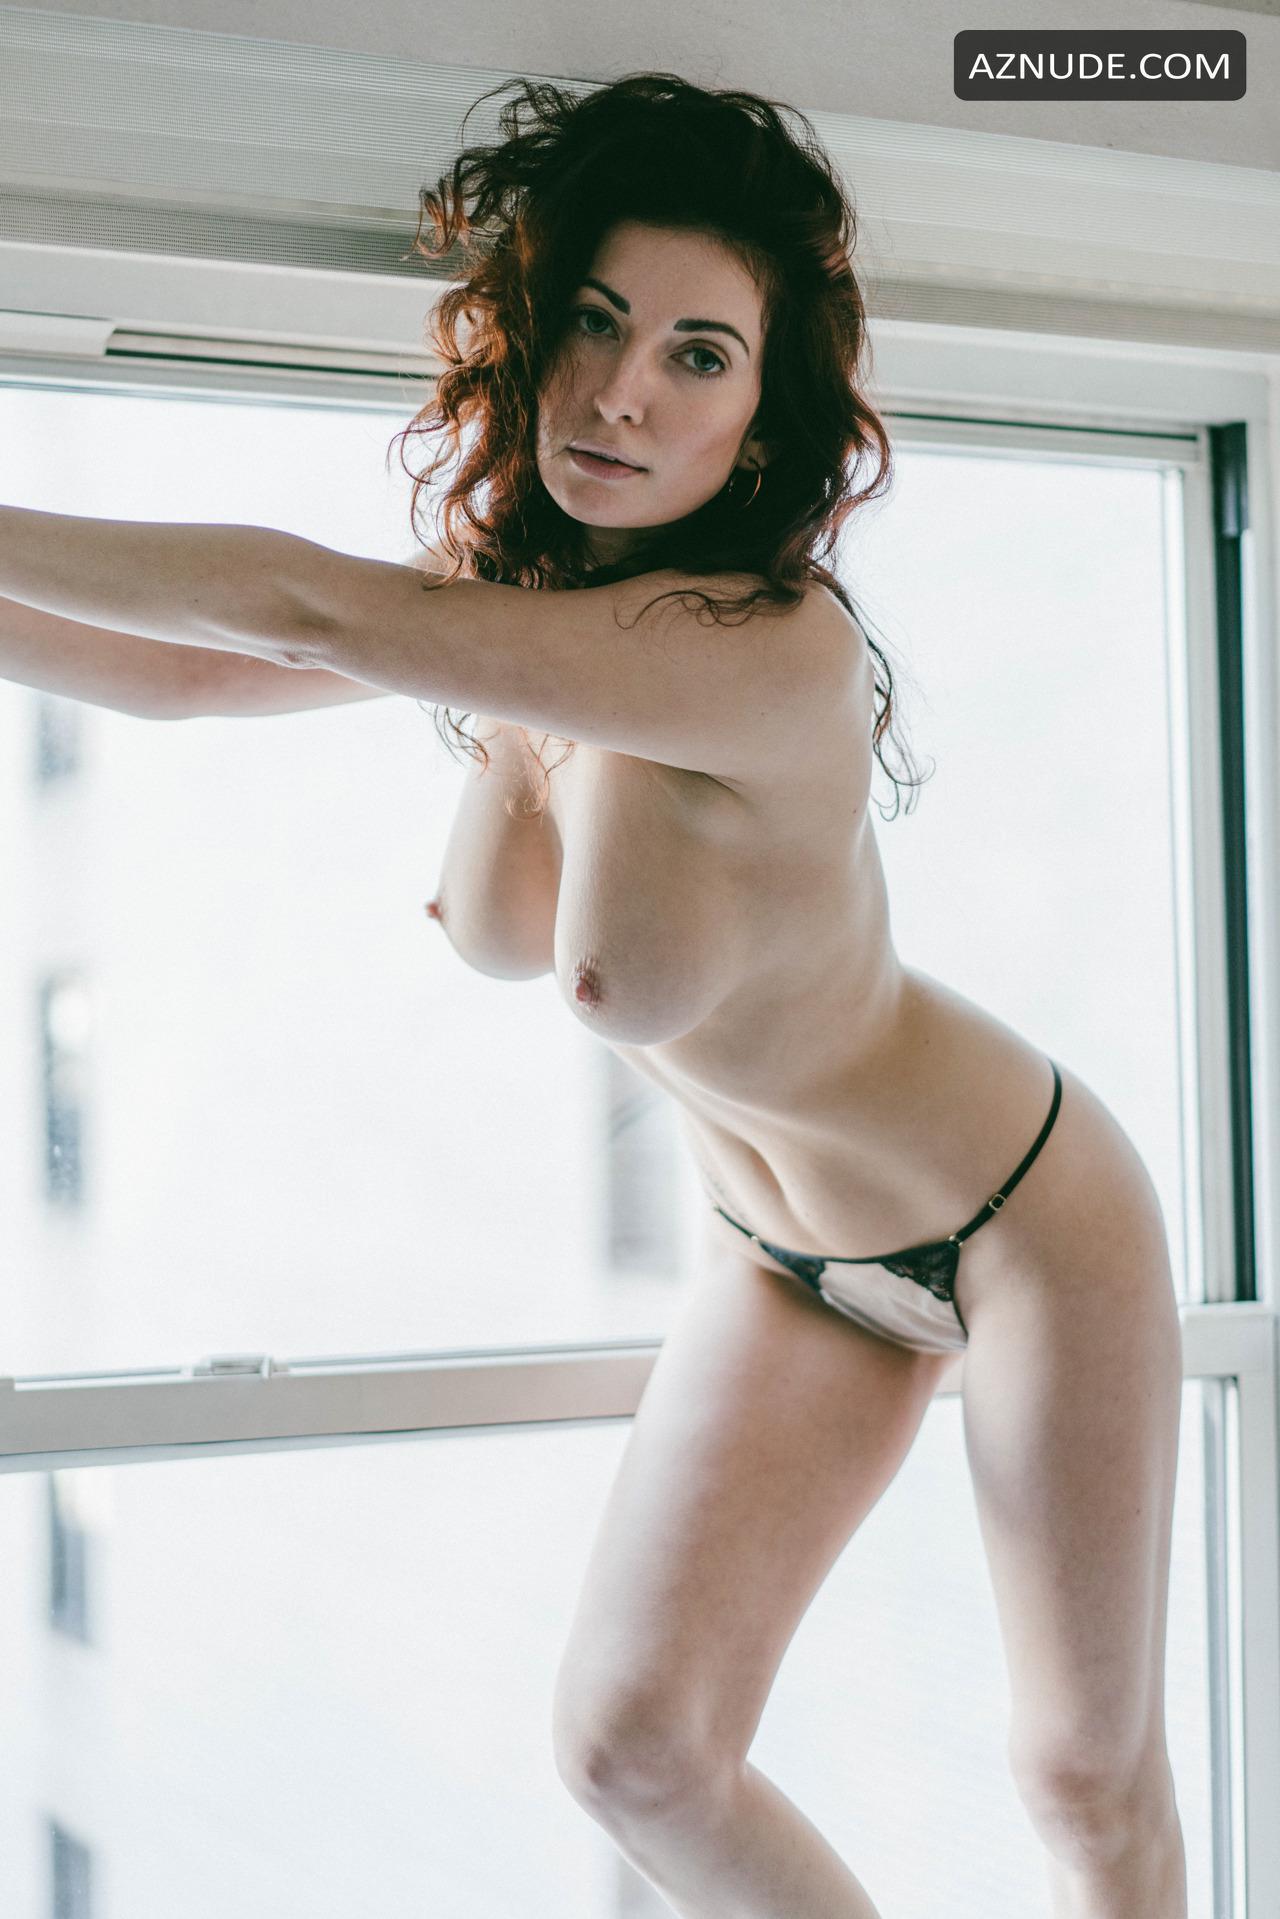 Adrienn Levai Naked Photos. 2018-2019 celebrityes photos leaks! nude (58 pictures)